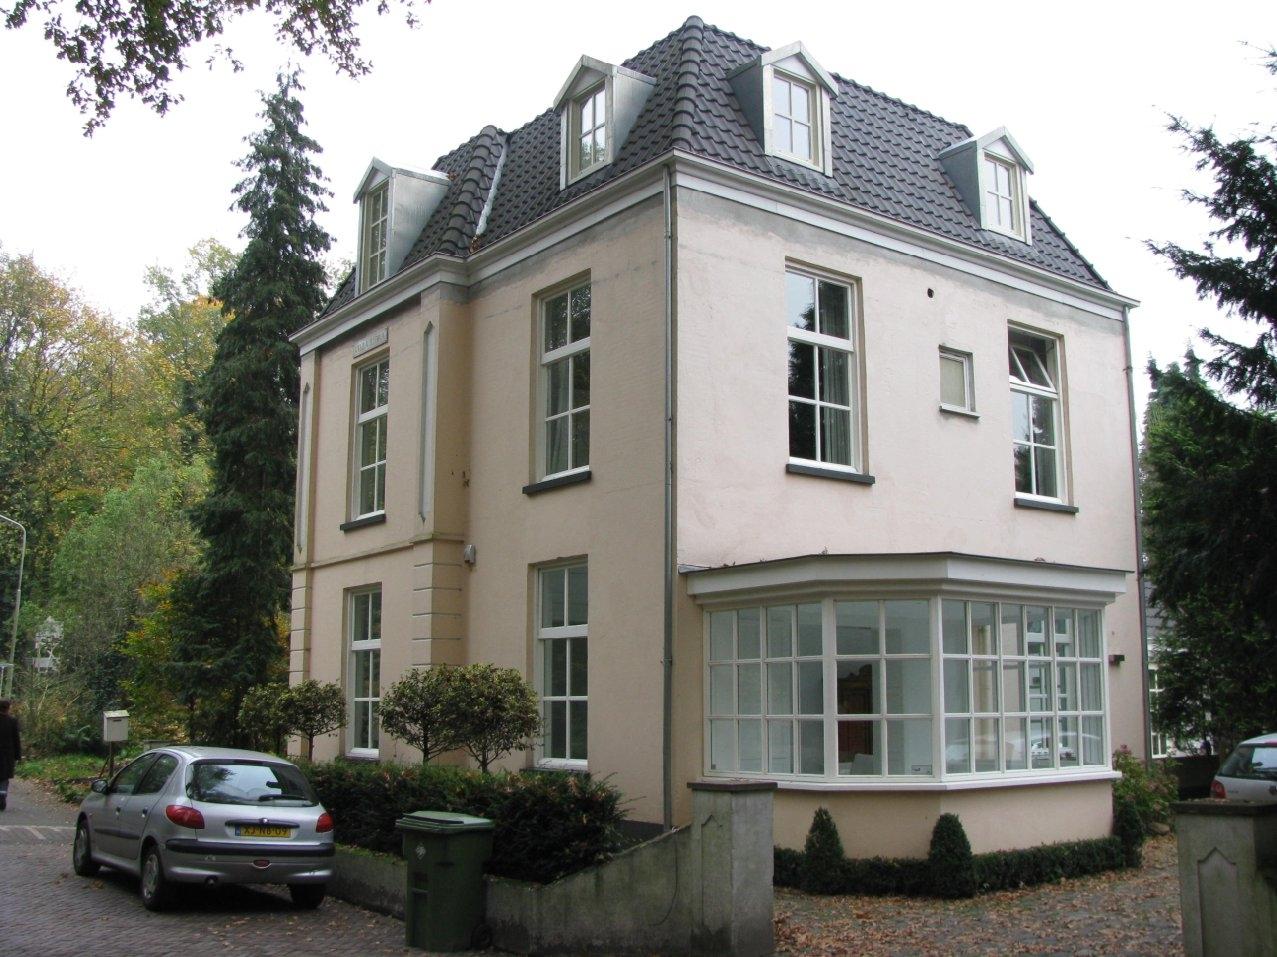 Door de nieuwe kapconstructie is er effectief een volledige verdieping toegevoegd aan deze villa.